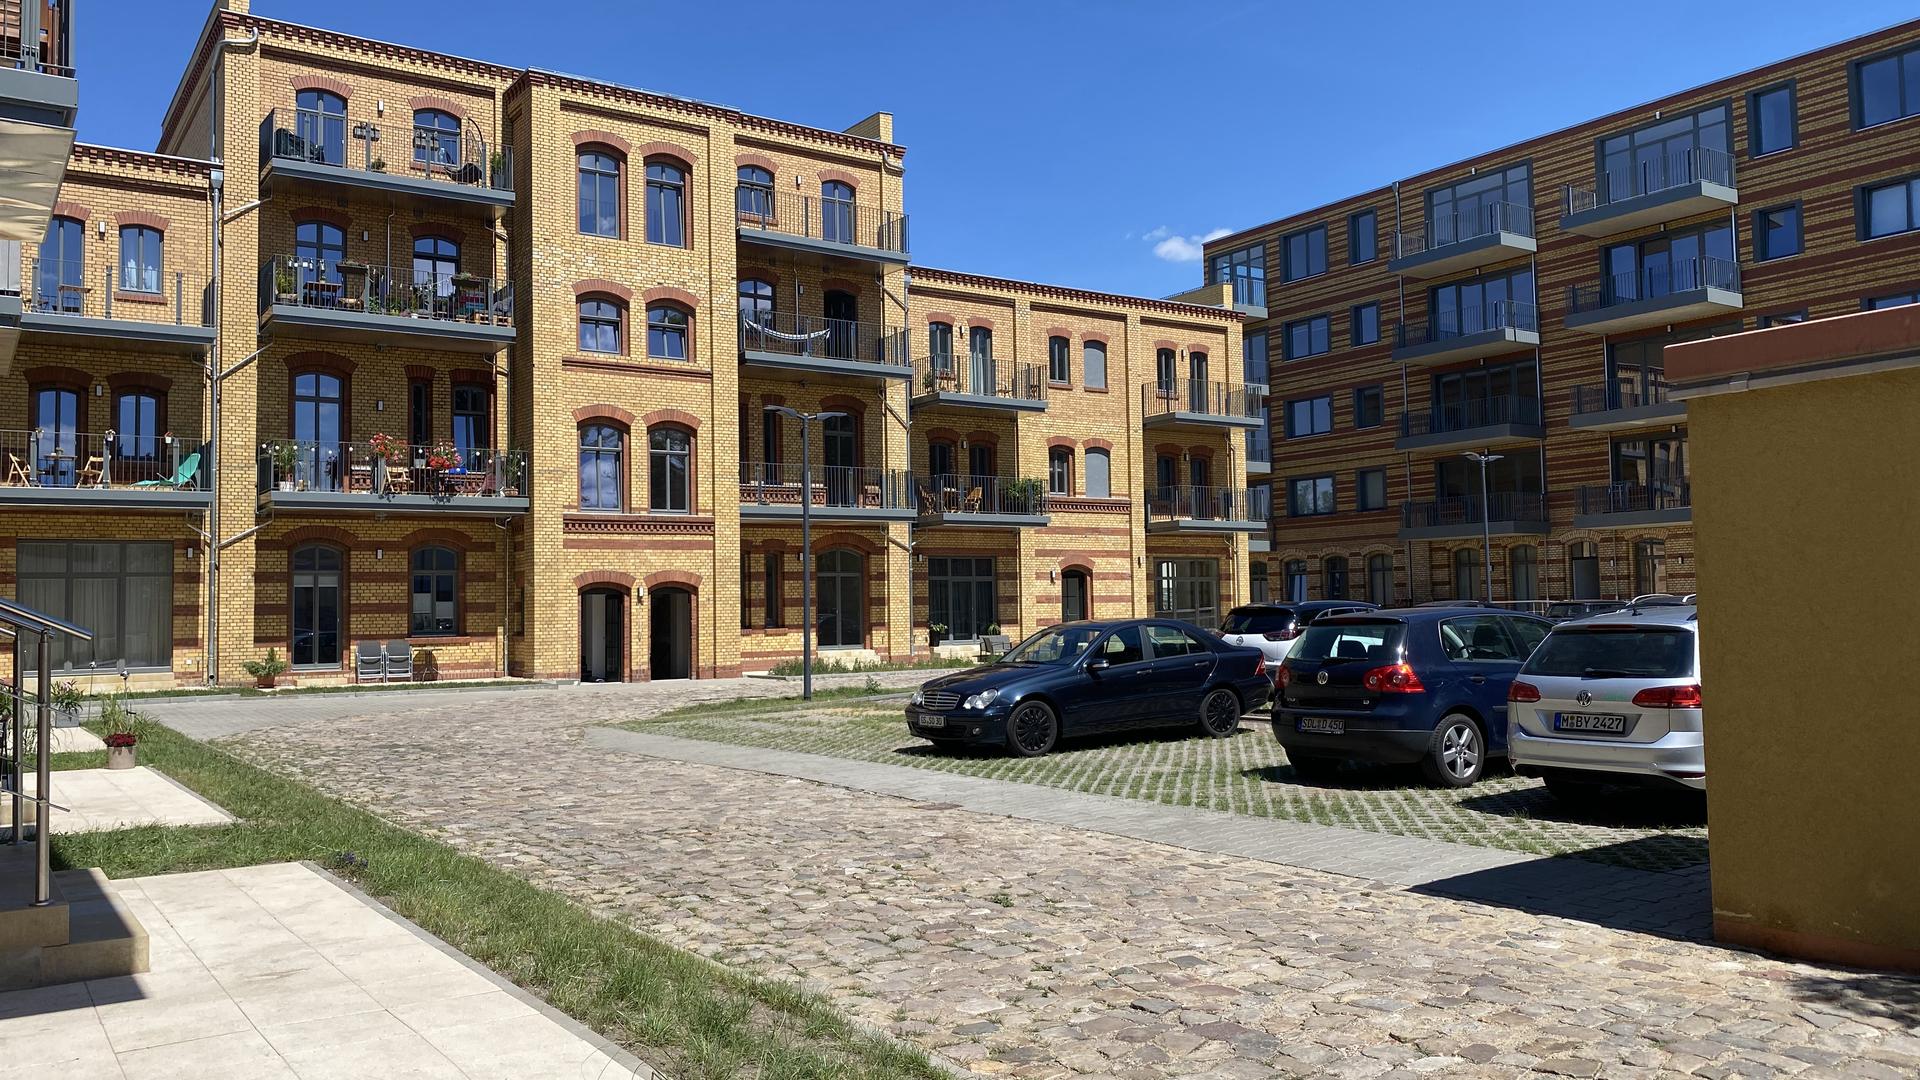 Umbau historisches Gebäude in 74 Wohnungen in 39104 Magdeburg